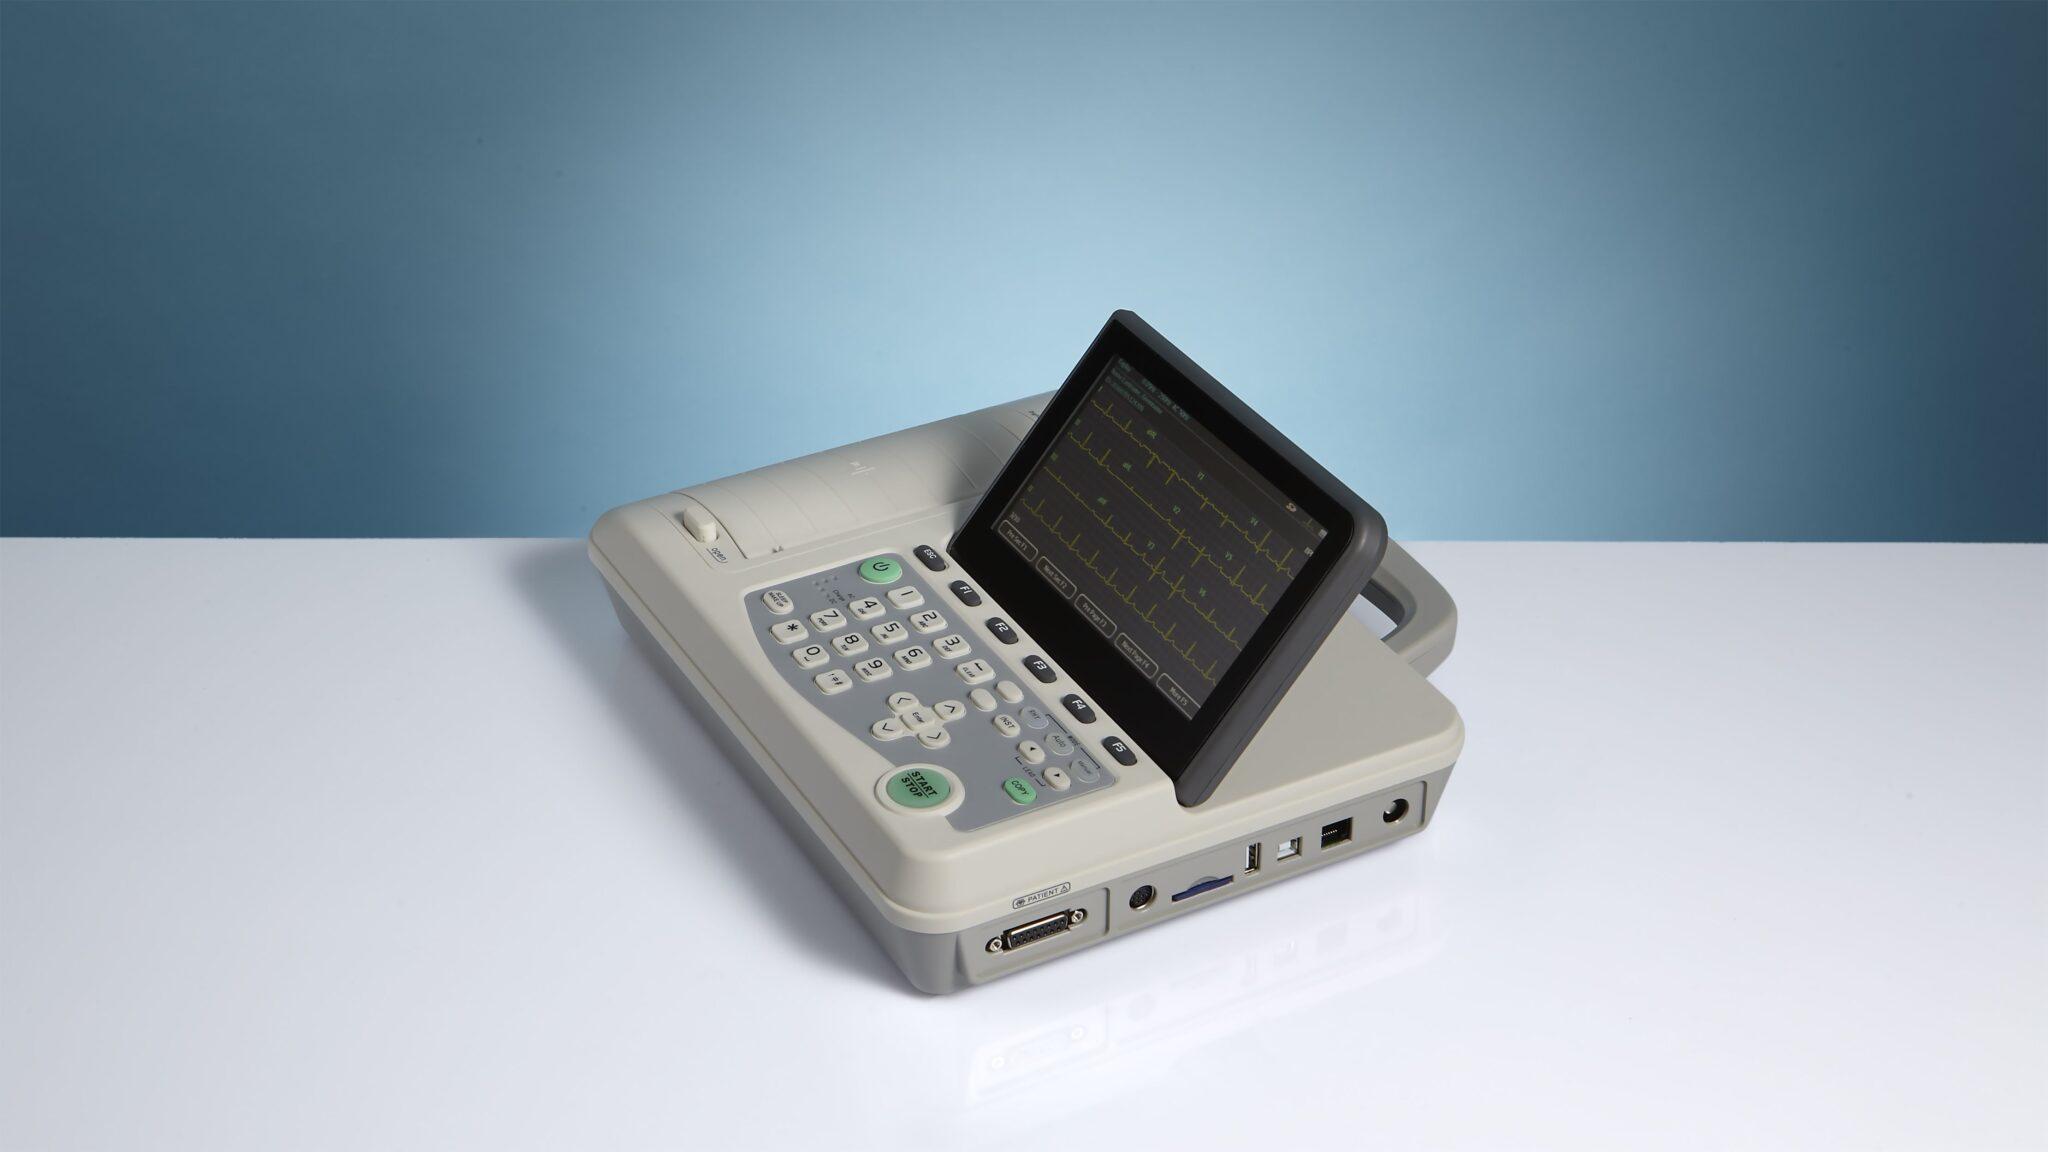 Máy đo điện tim 6 cần EUROECG 6-view (Lumed - Italy)